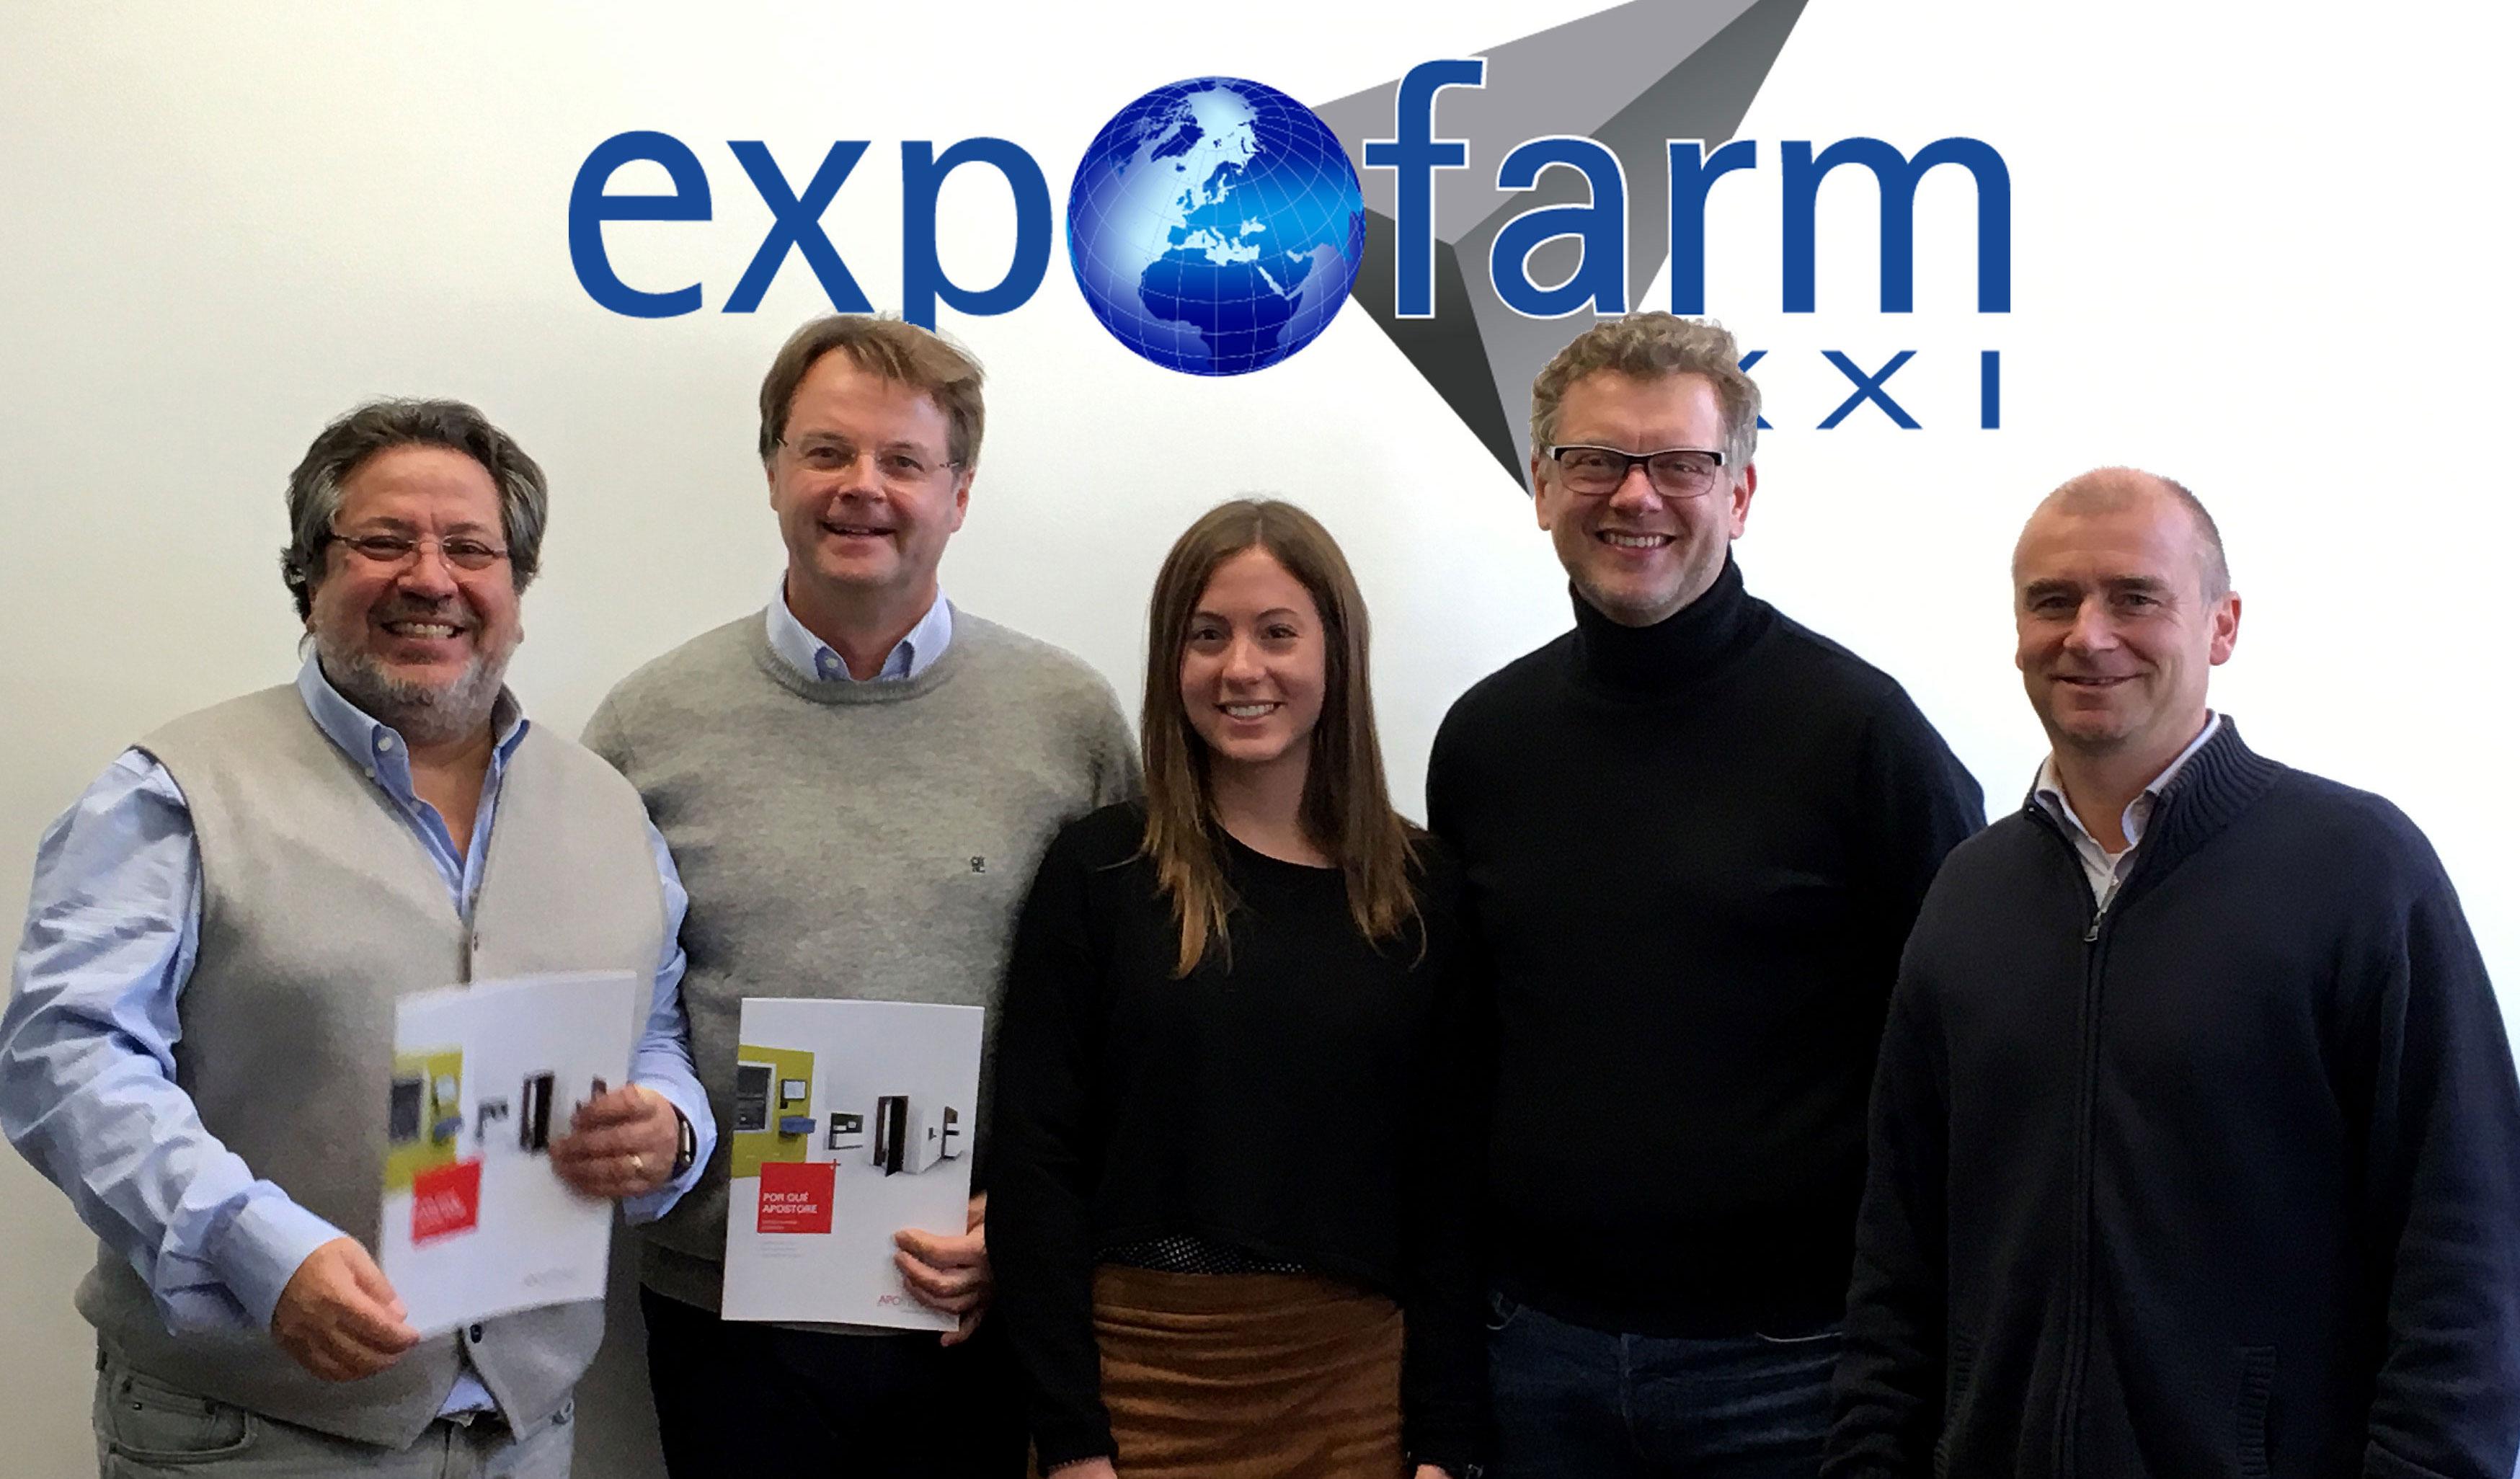 Expofarm recibe la visita de los principales directivos de Apostore